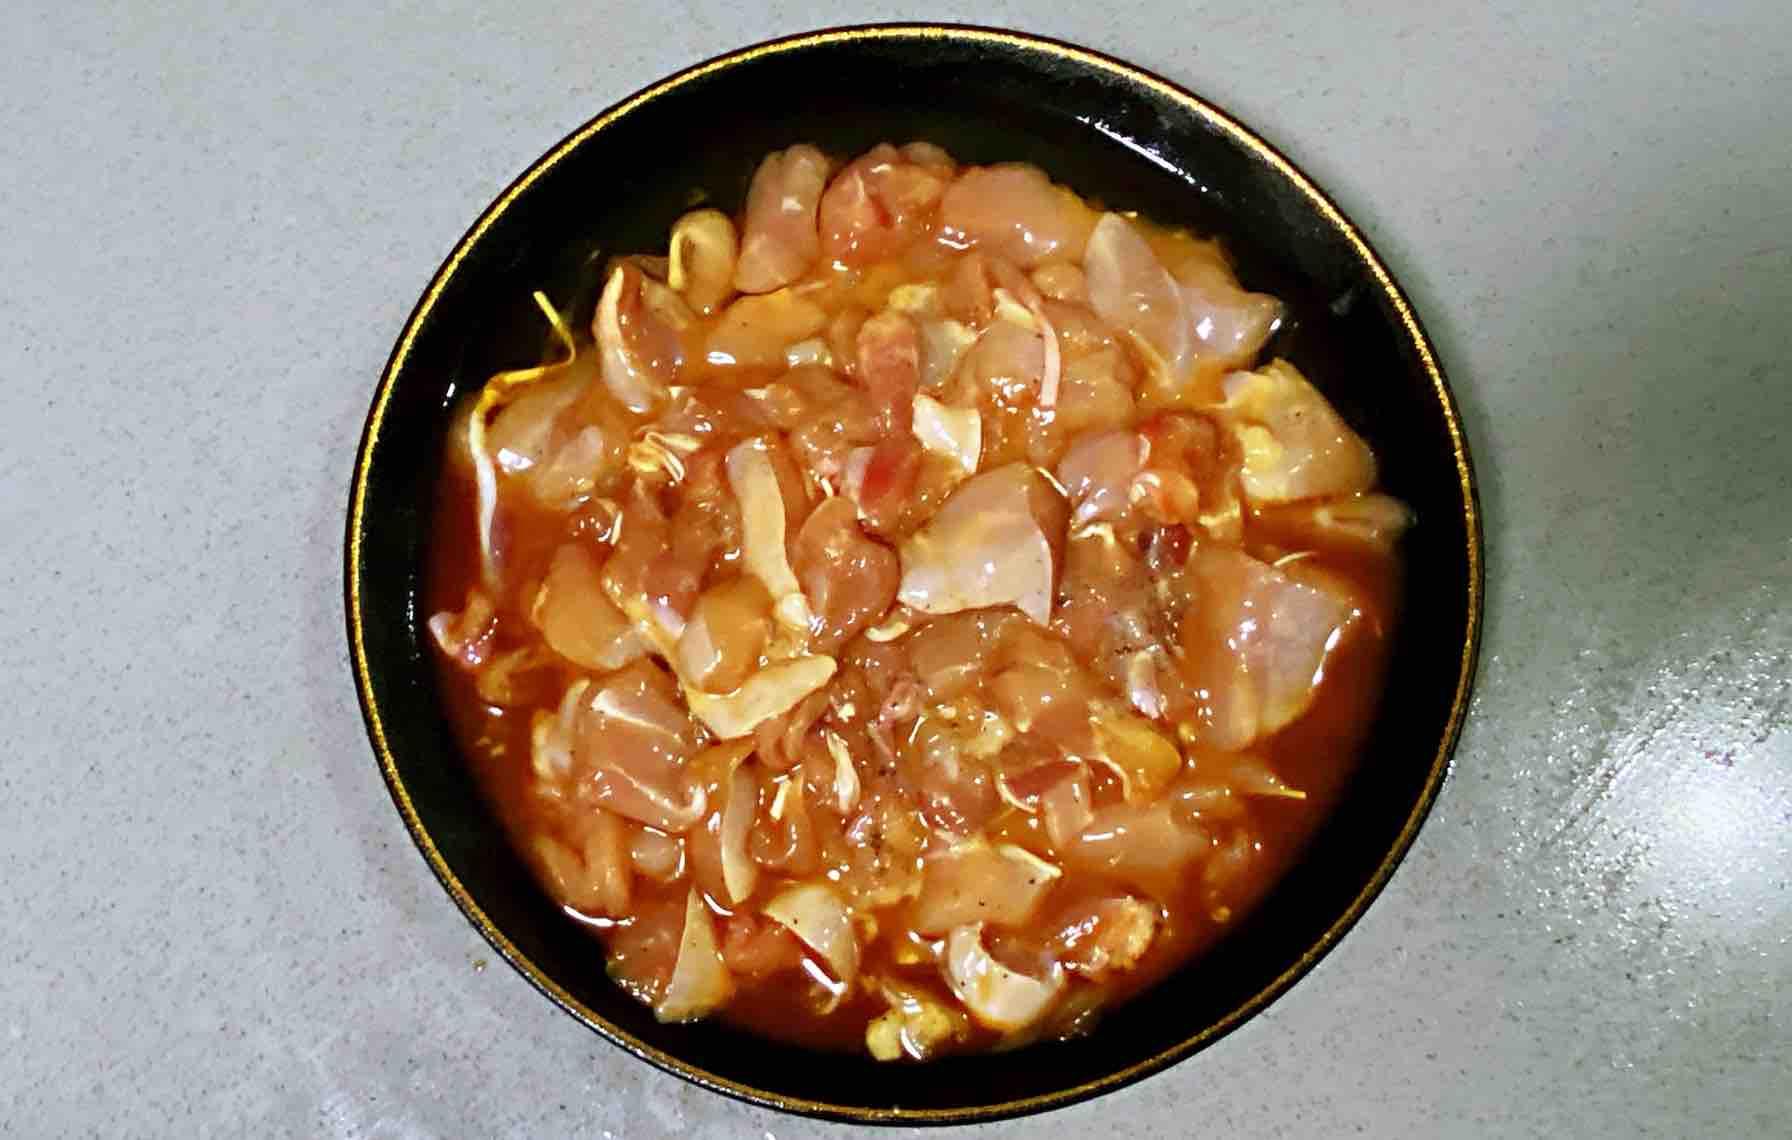 【孕妇食谱】宫保鸡丁,酸甜可口,嫩滑入味,营养又下饭~的步骤